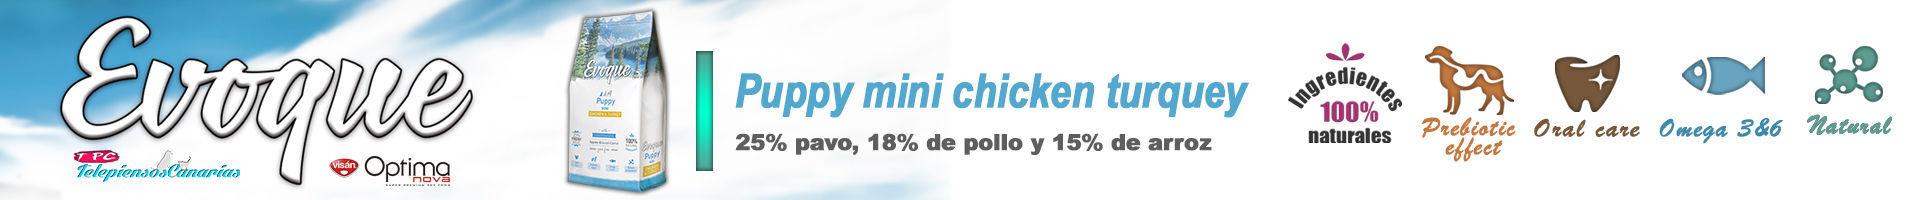 Evoque puppy mini chicken and turquey, con 25% de pavo fresco